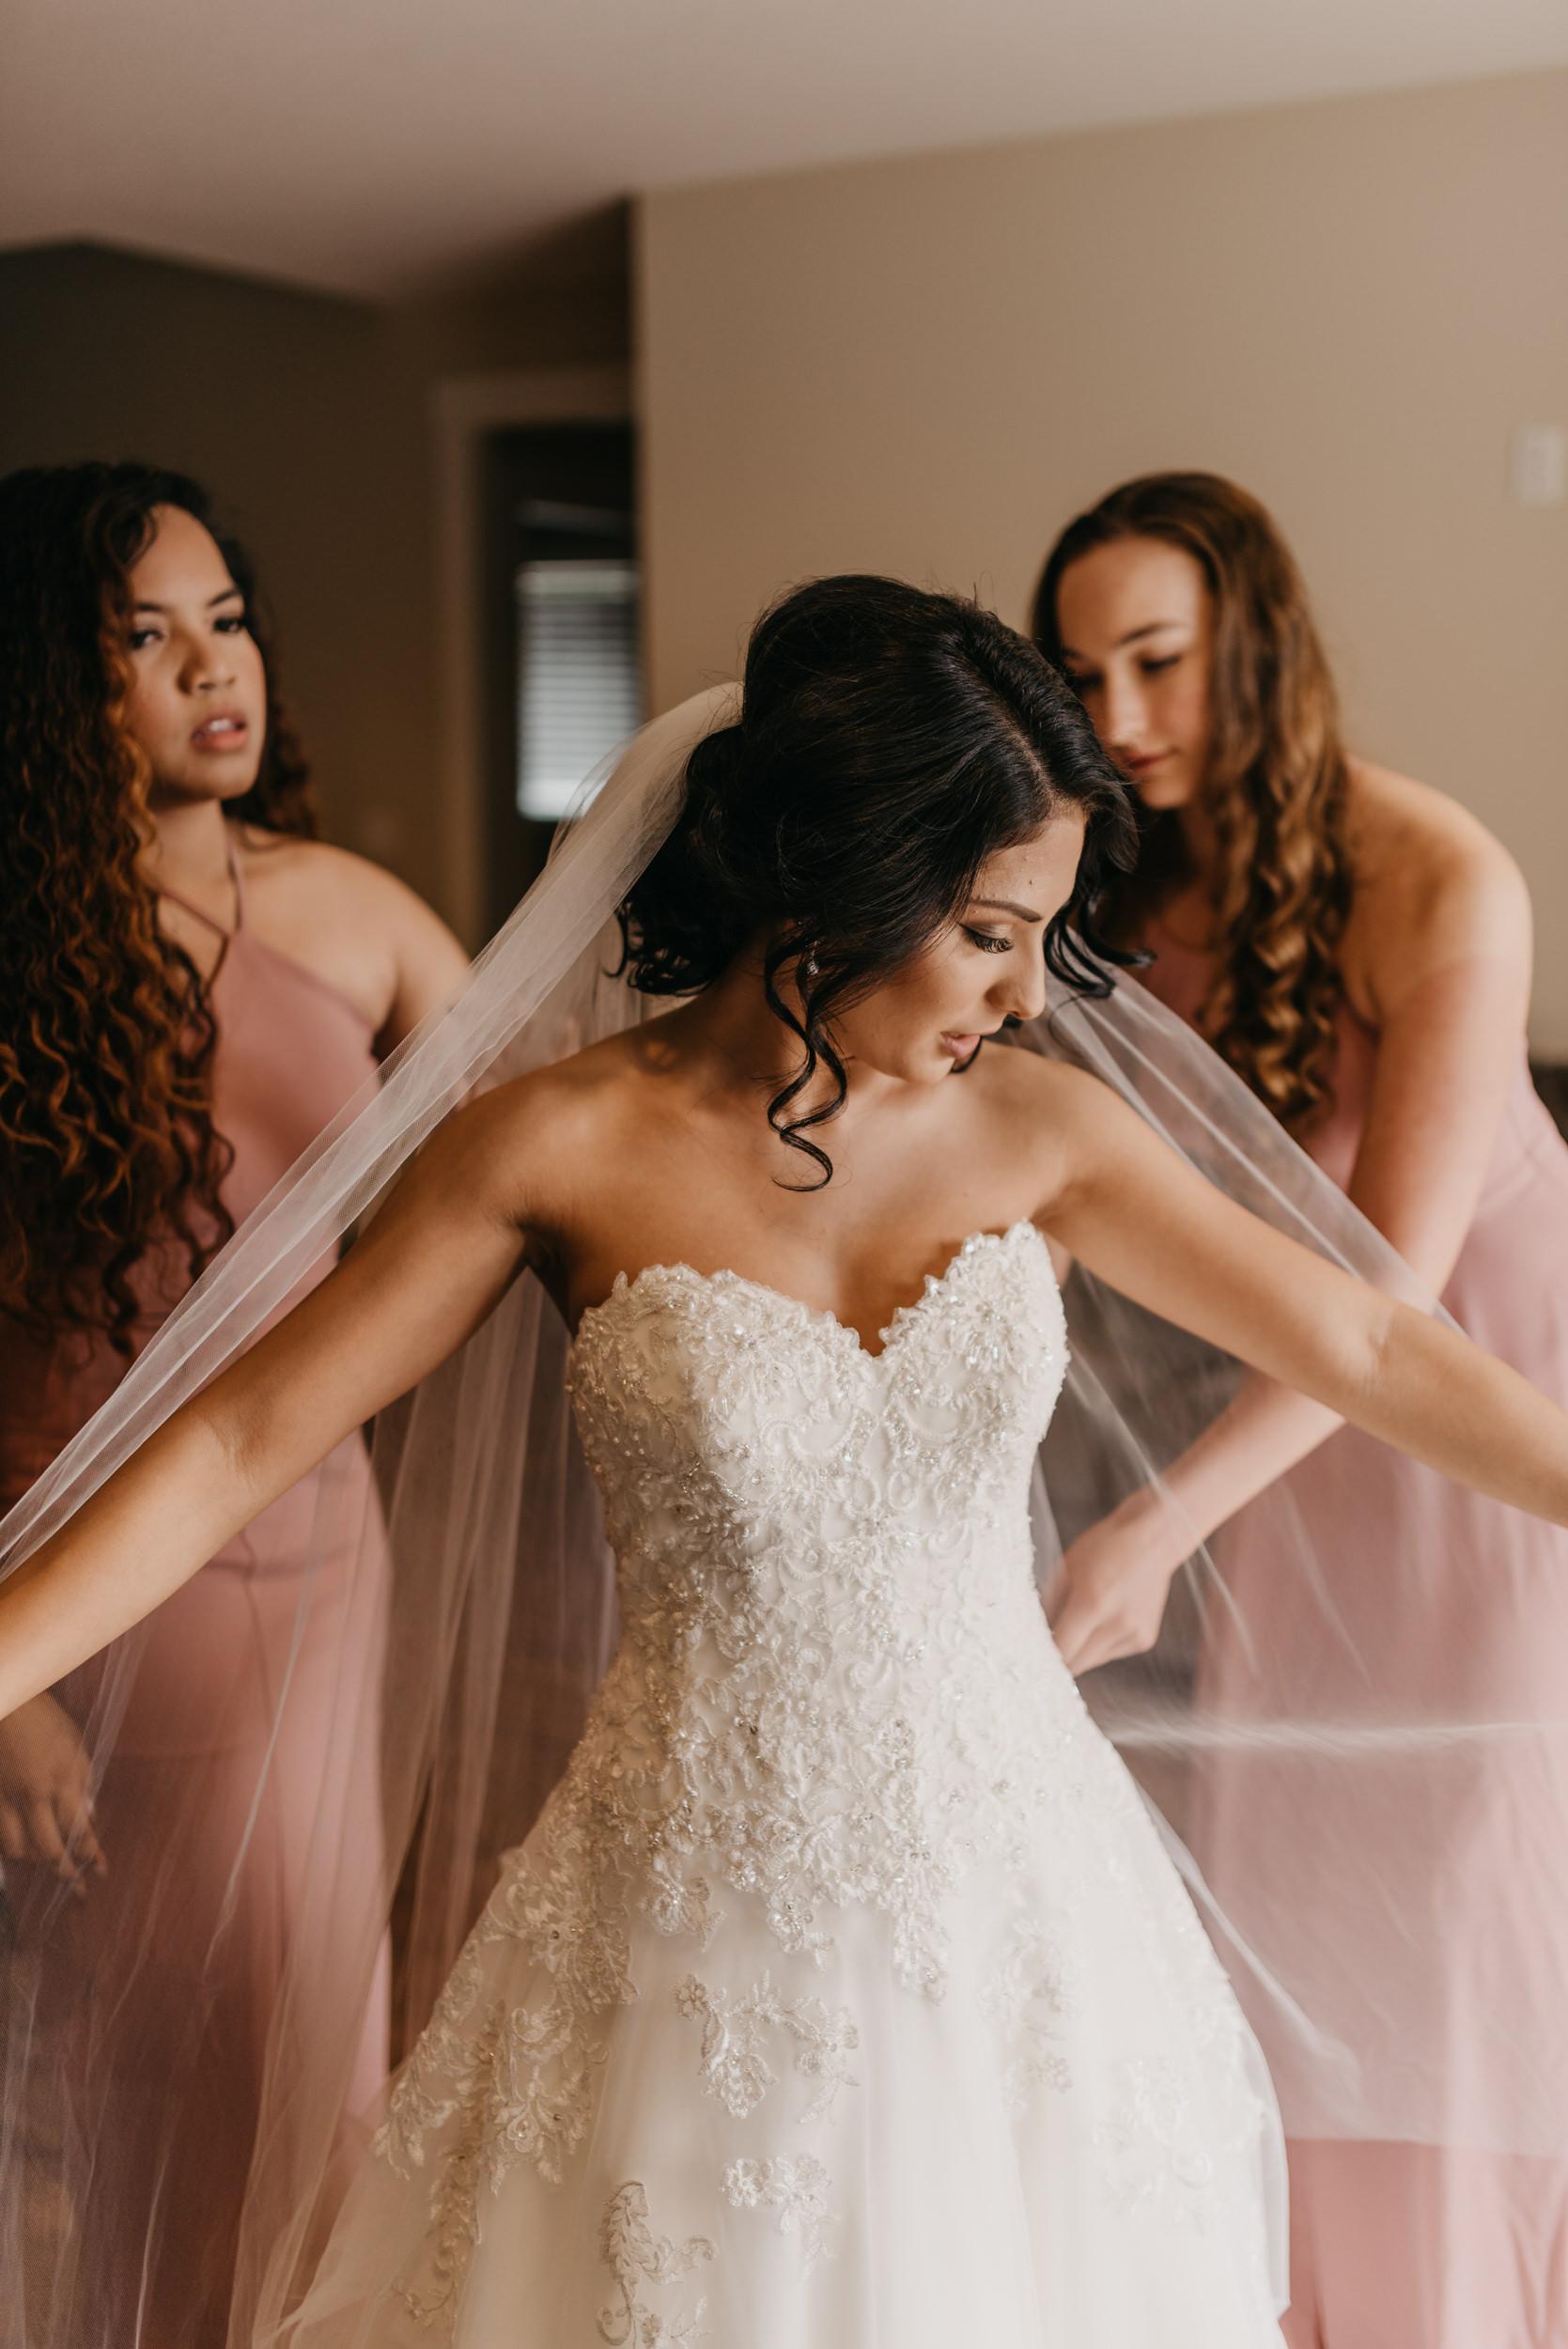 18-bride-getting-ready-groom-bridesmaids-7080.jpg